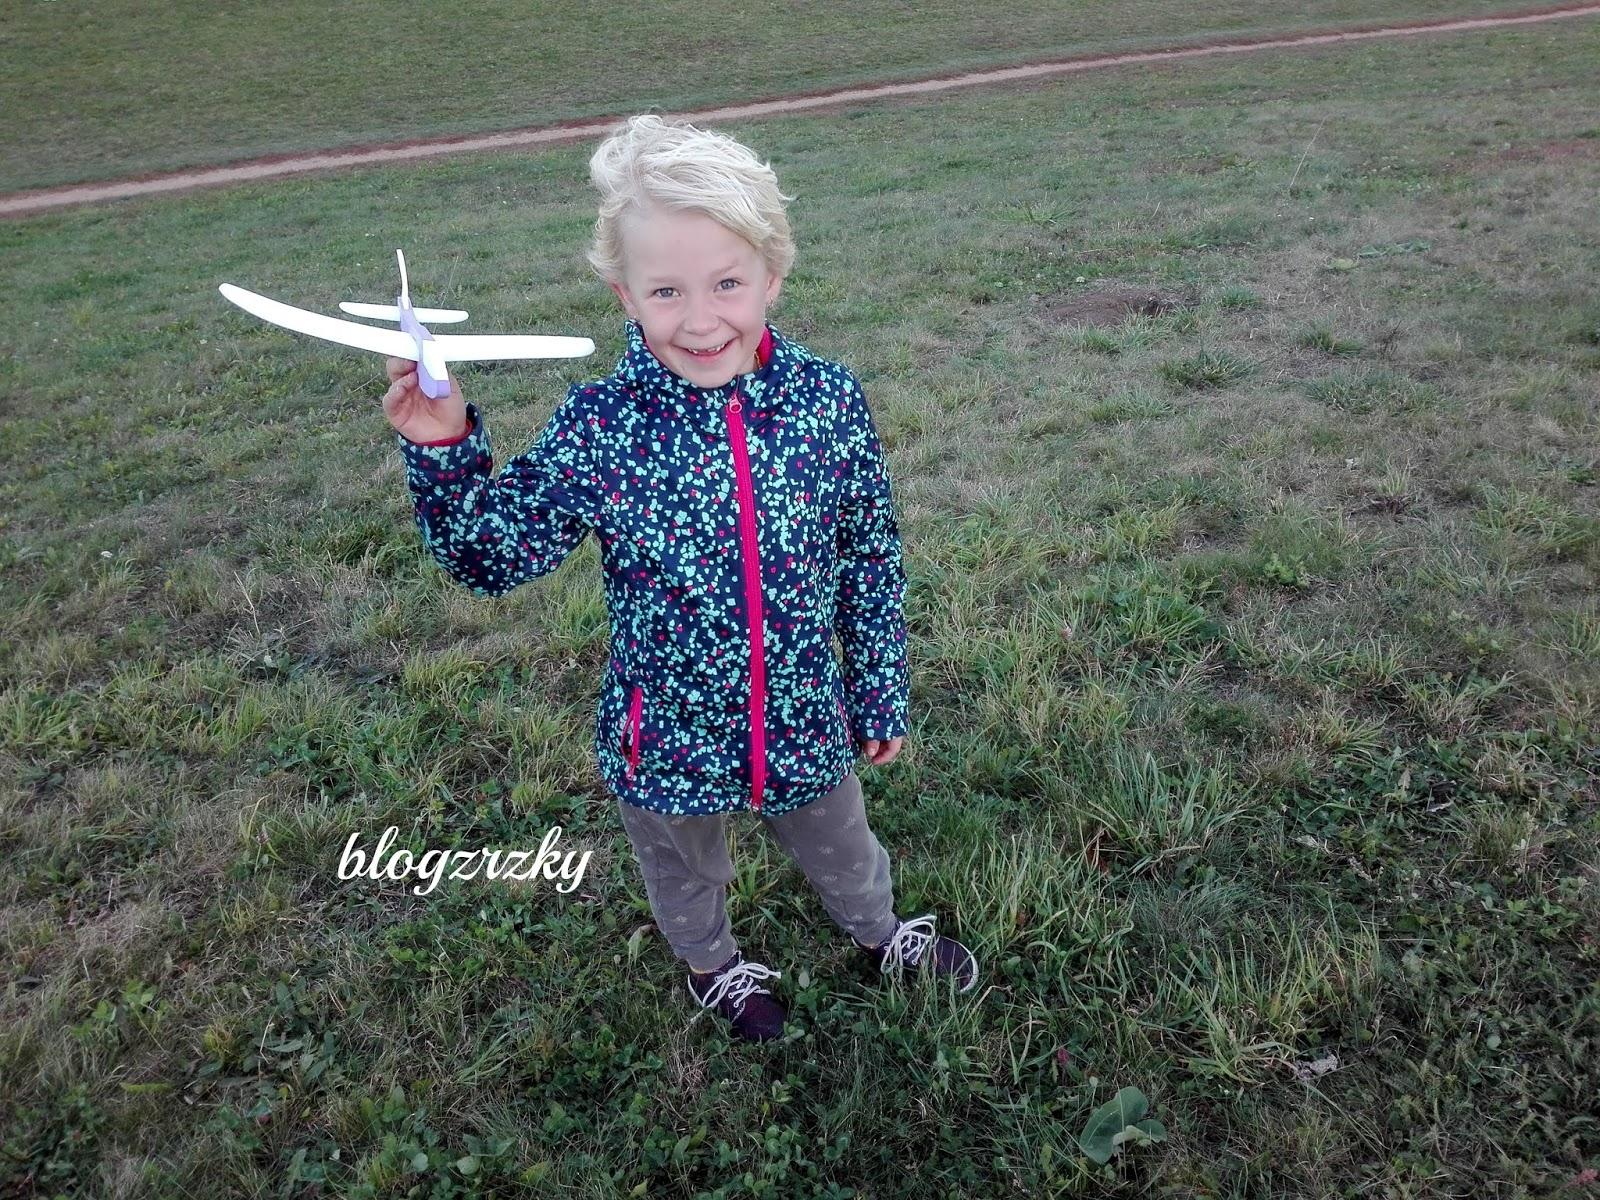 Blog Zrzky zkouší letadla FLY_POP